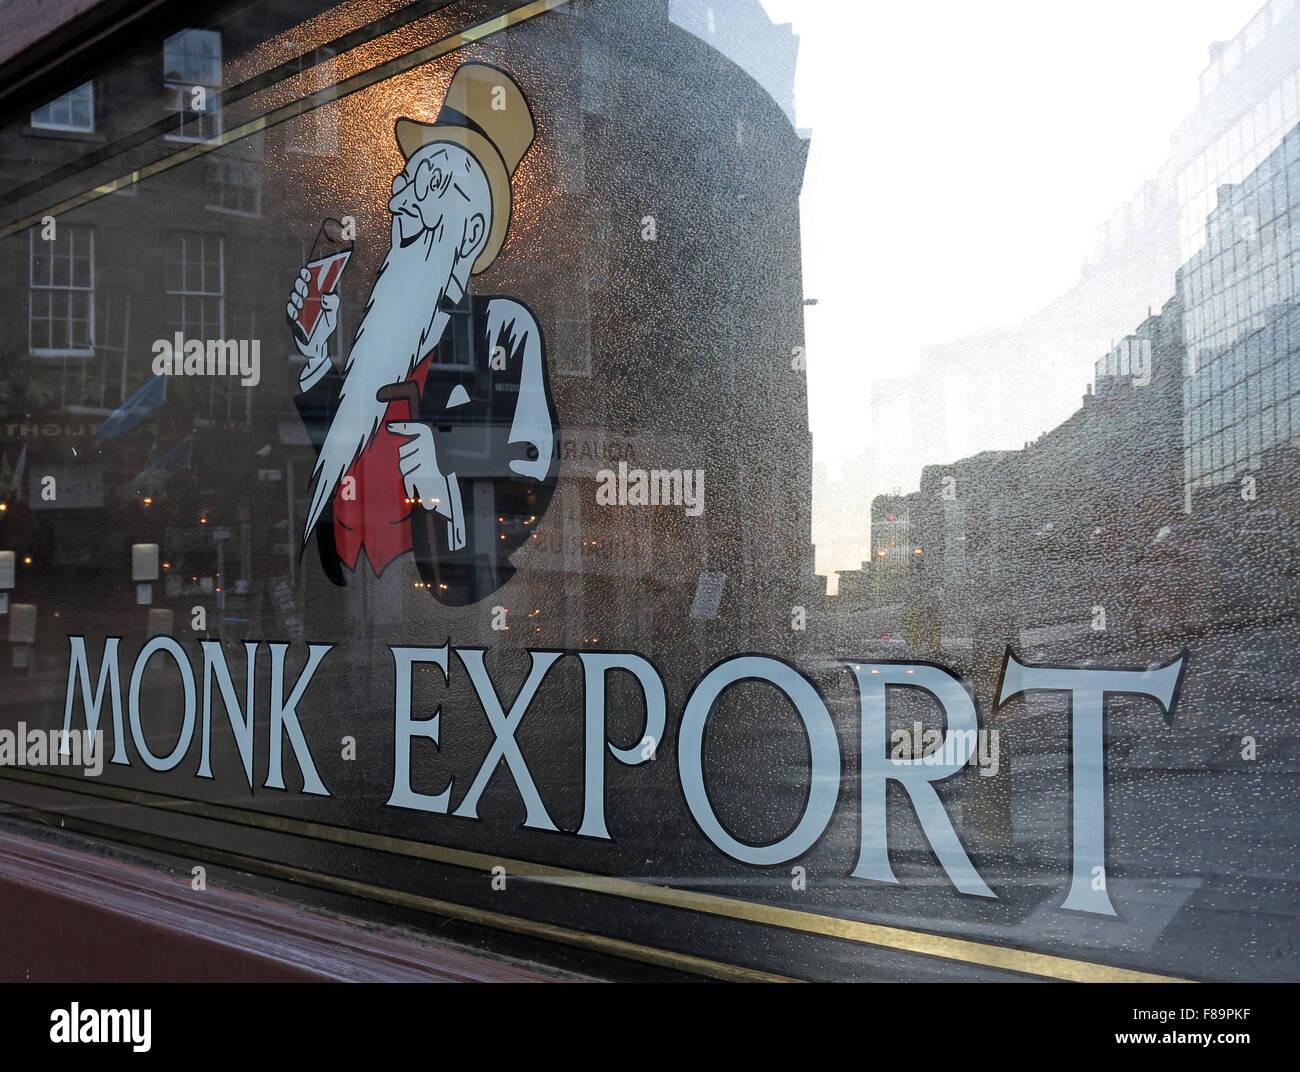 Laden Sie dieses Alamy Stockfoto Mönch exportieren Pale Ale Fenster, schottische Biere, Edinburgh, Scotland, UK - F89PKF